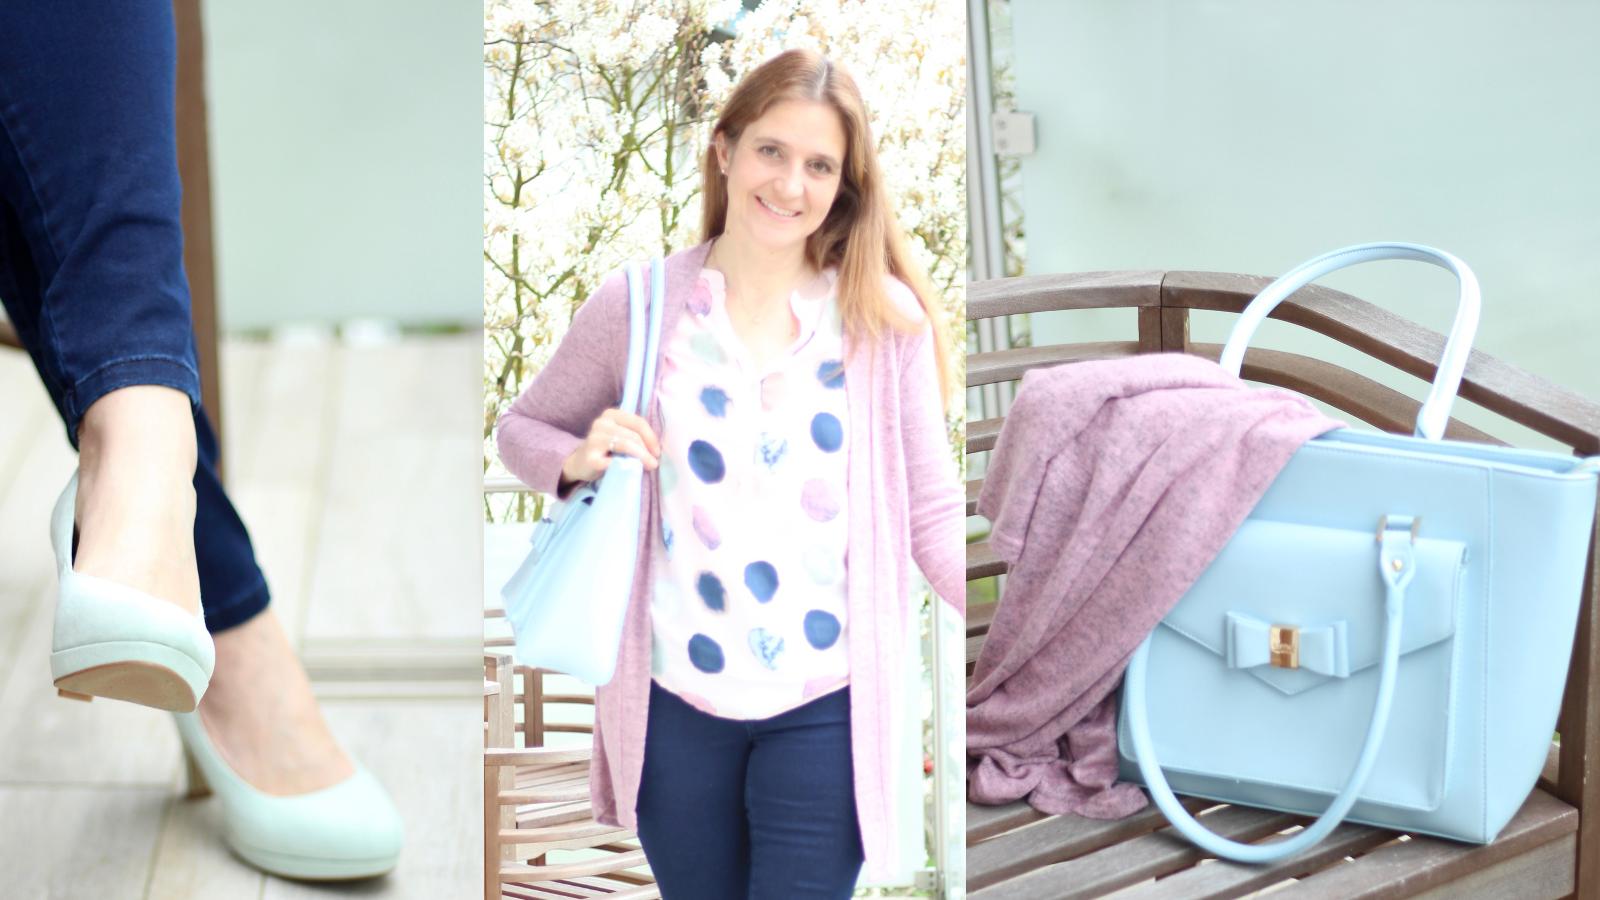 Fashion Friday: Super lässiges Outfit für die Stadt in hellblau, dunkelblau und rosa